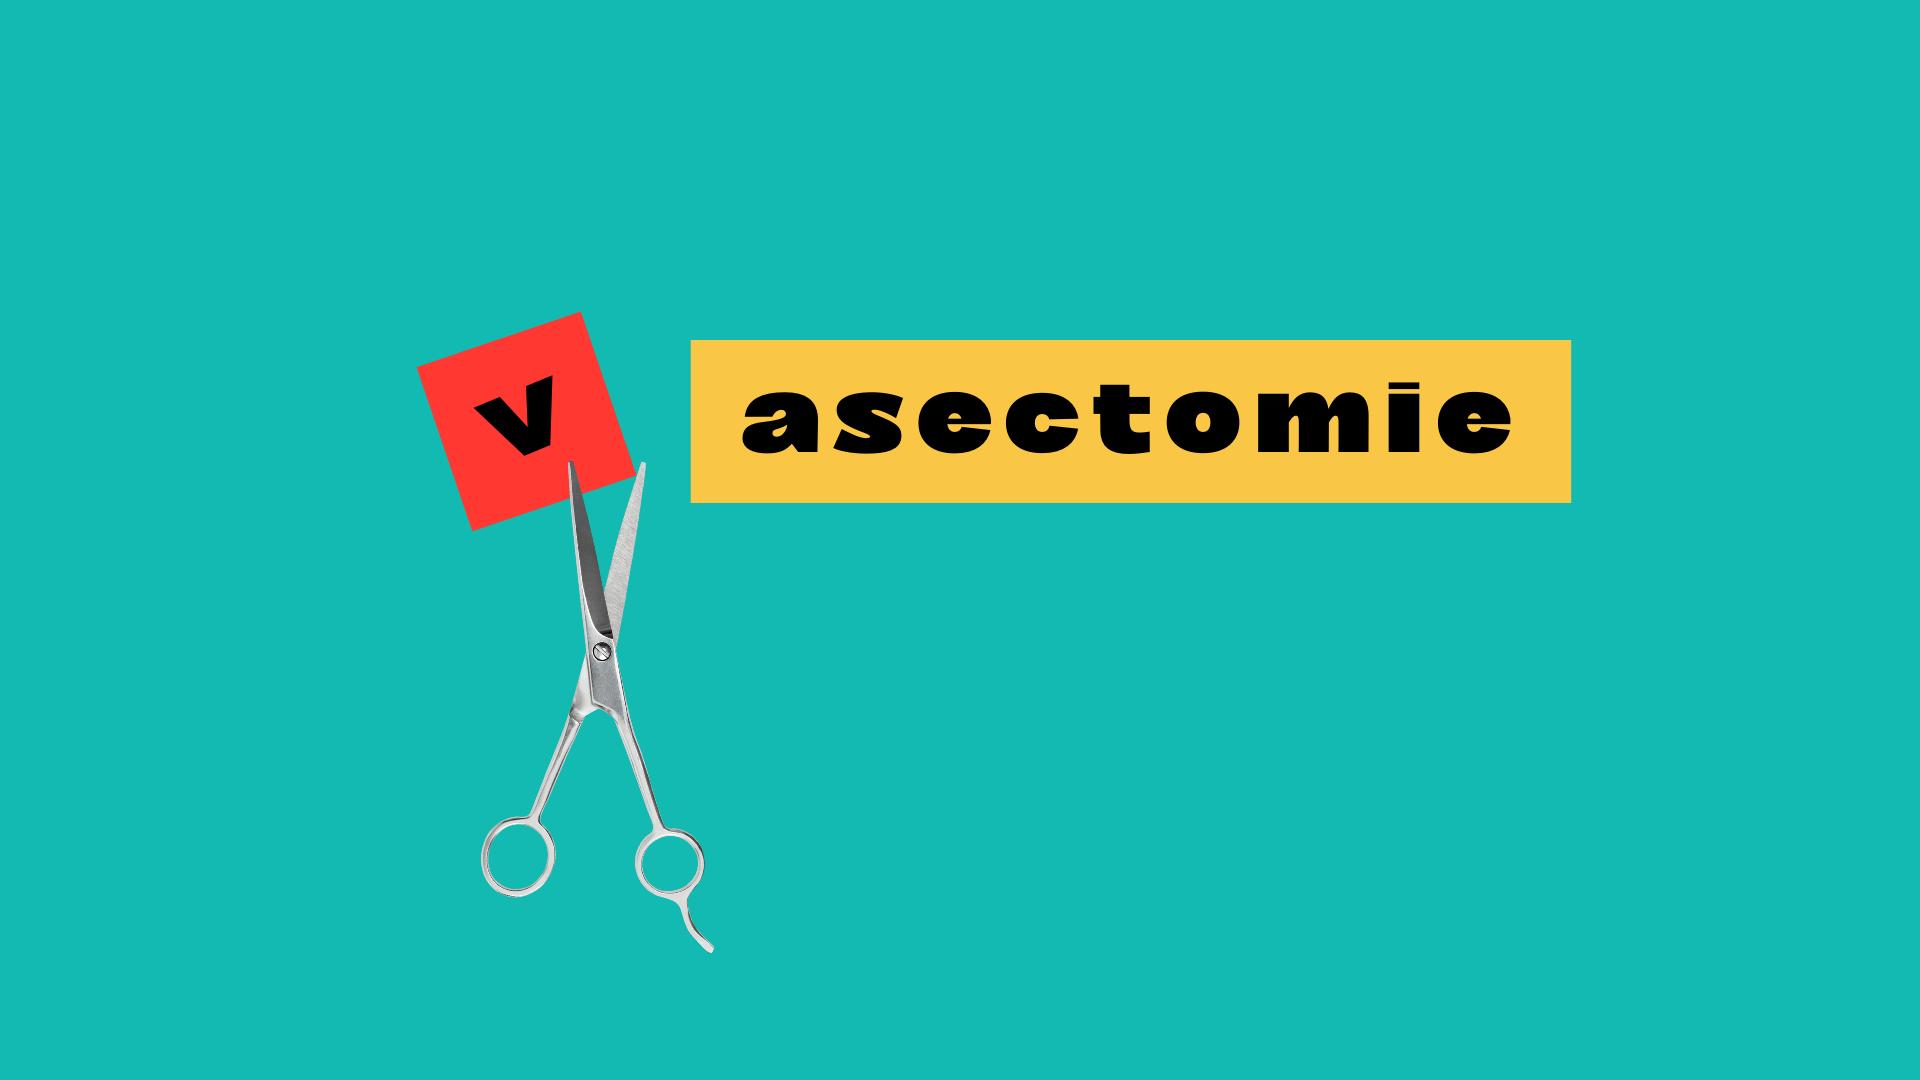 vastectomie-horizontale